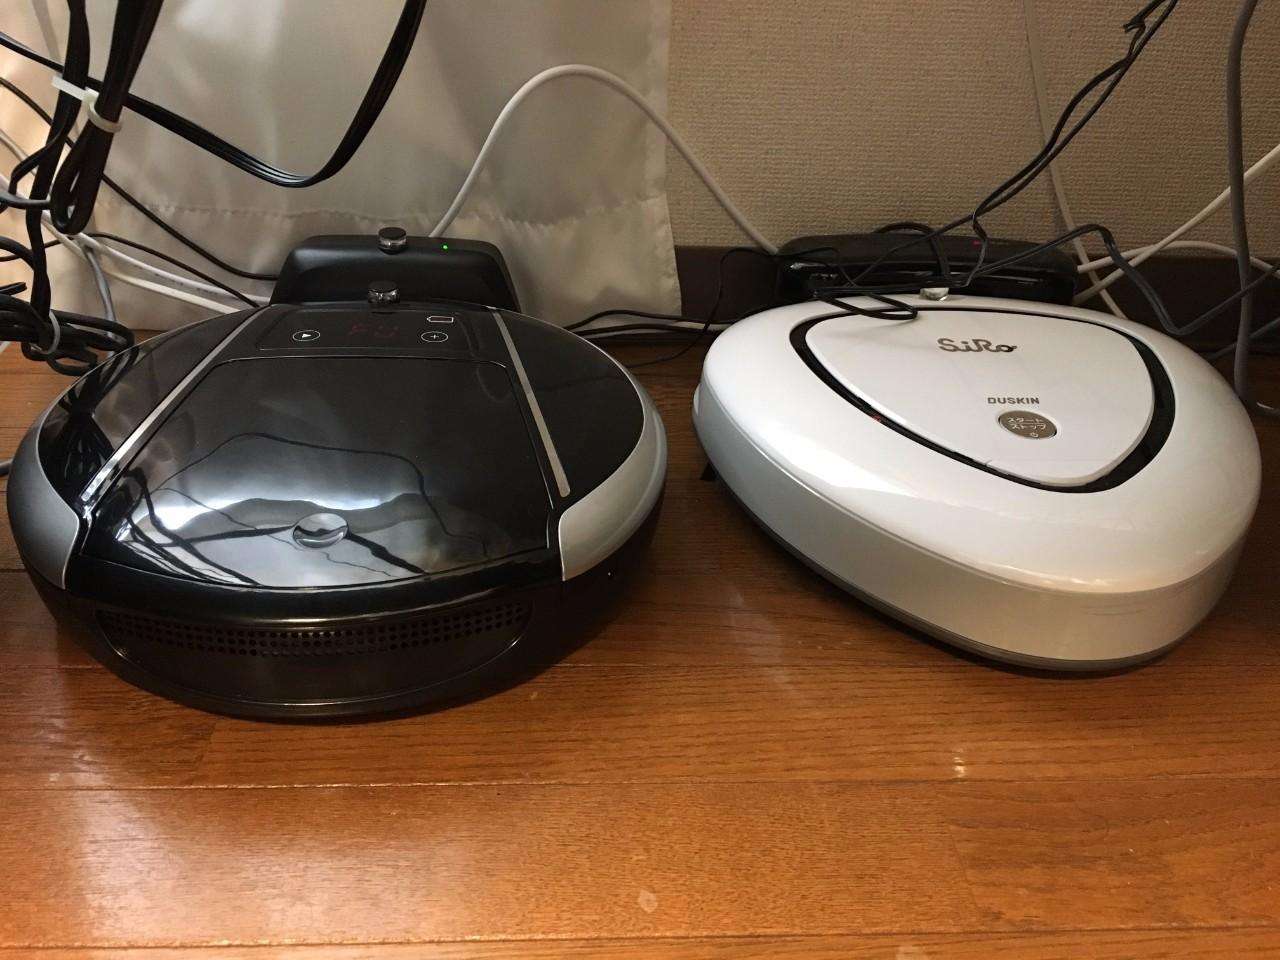 pr-evertop-robotic-vacuum-clean-23